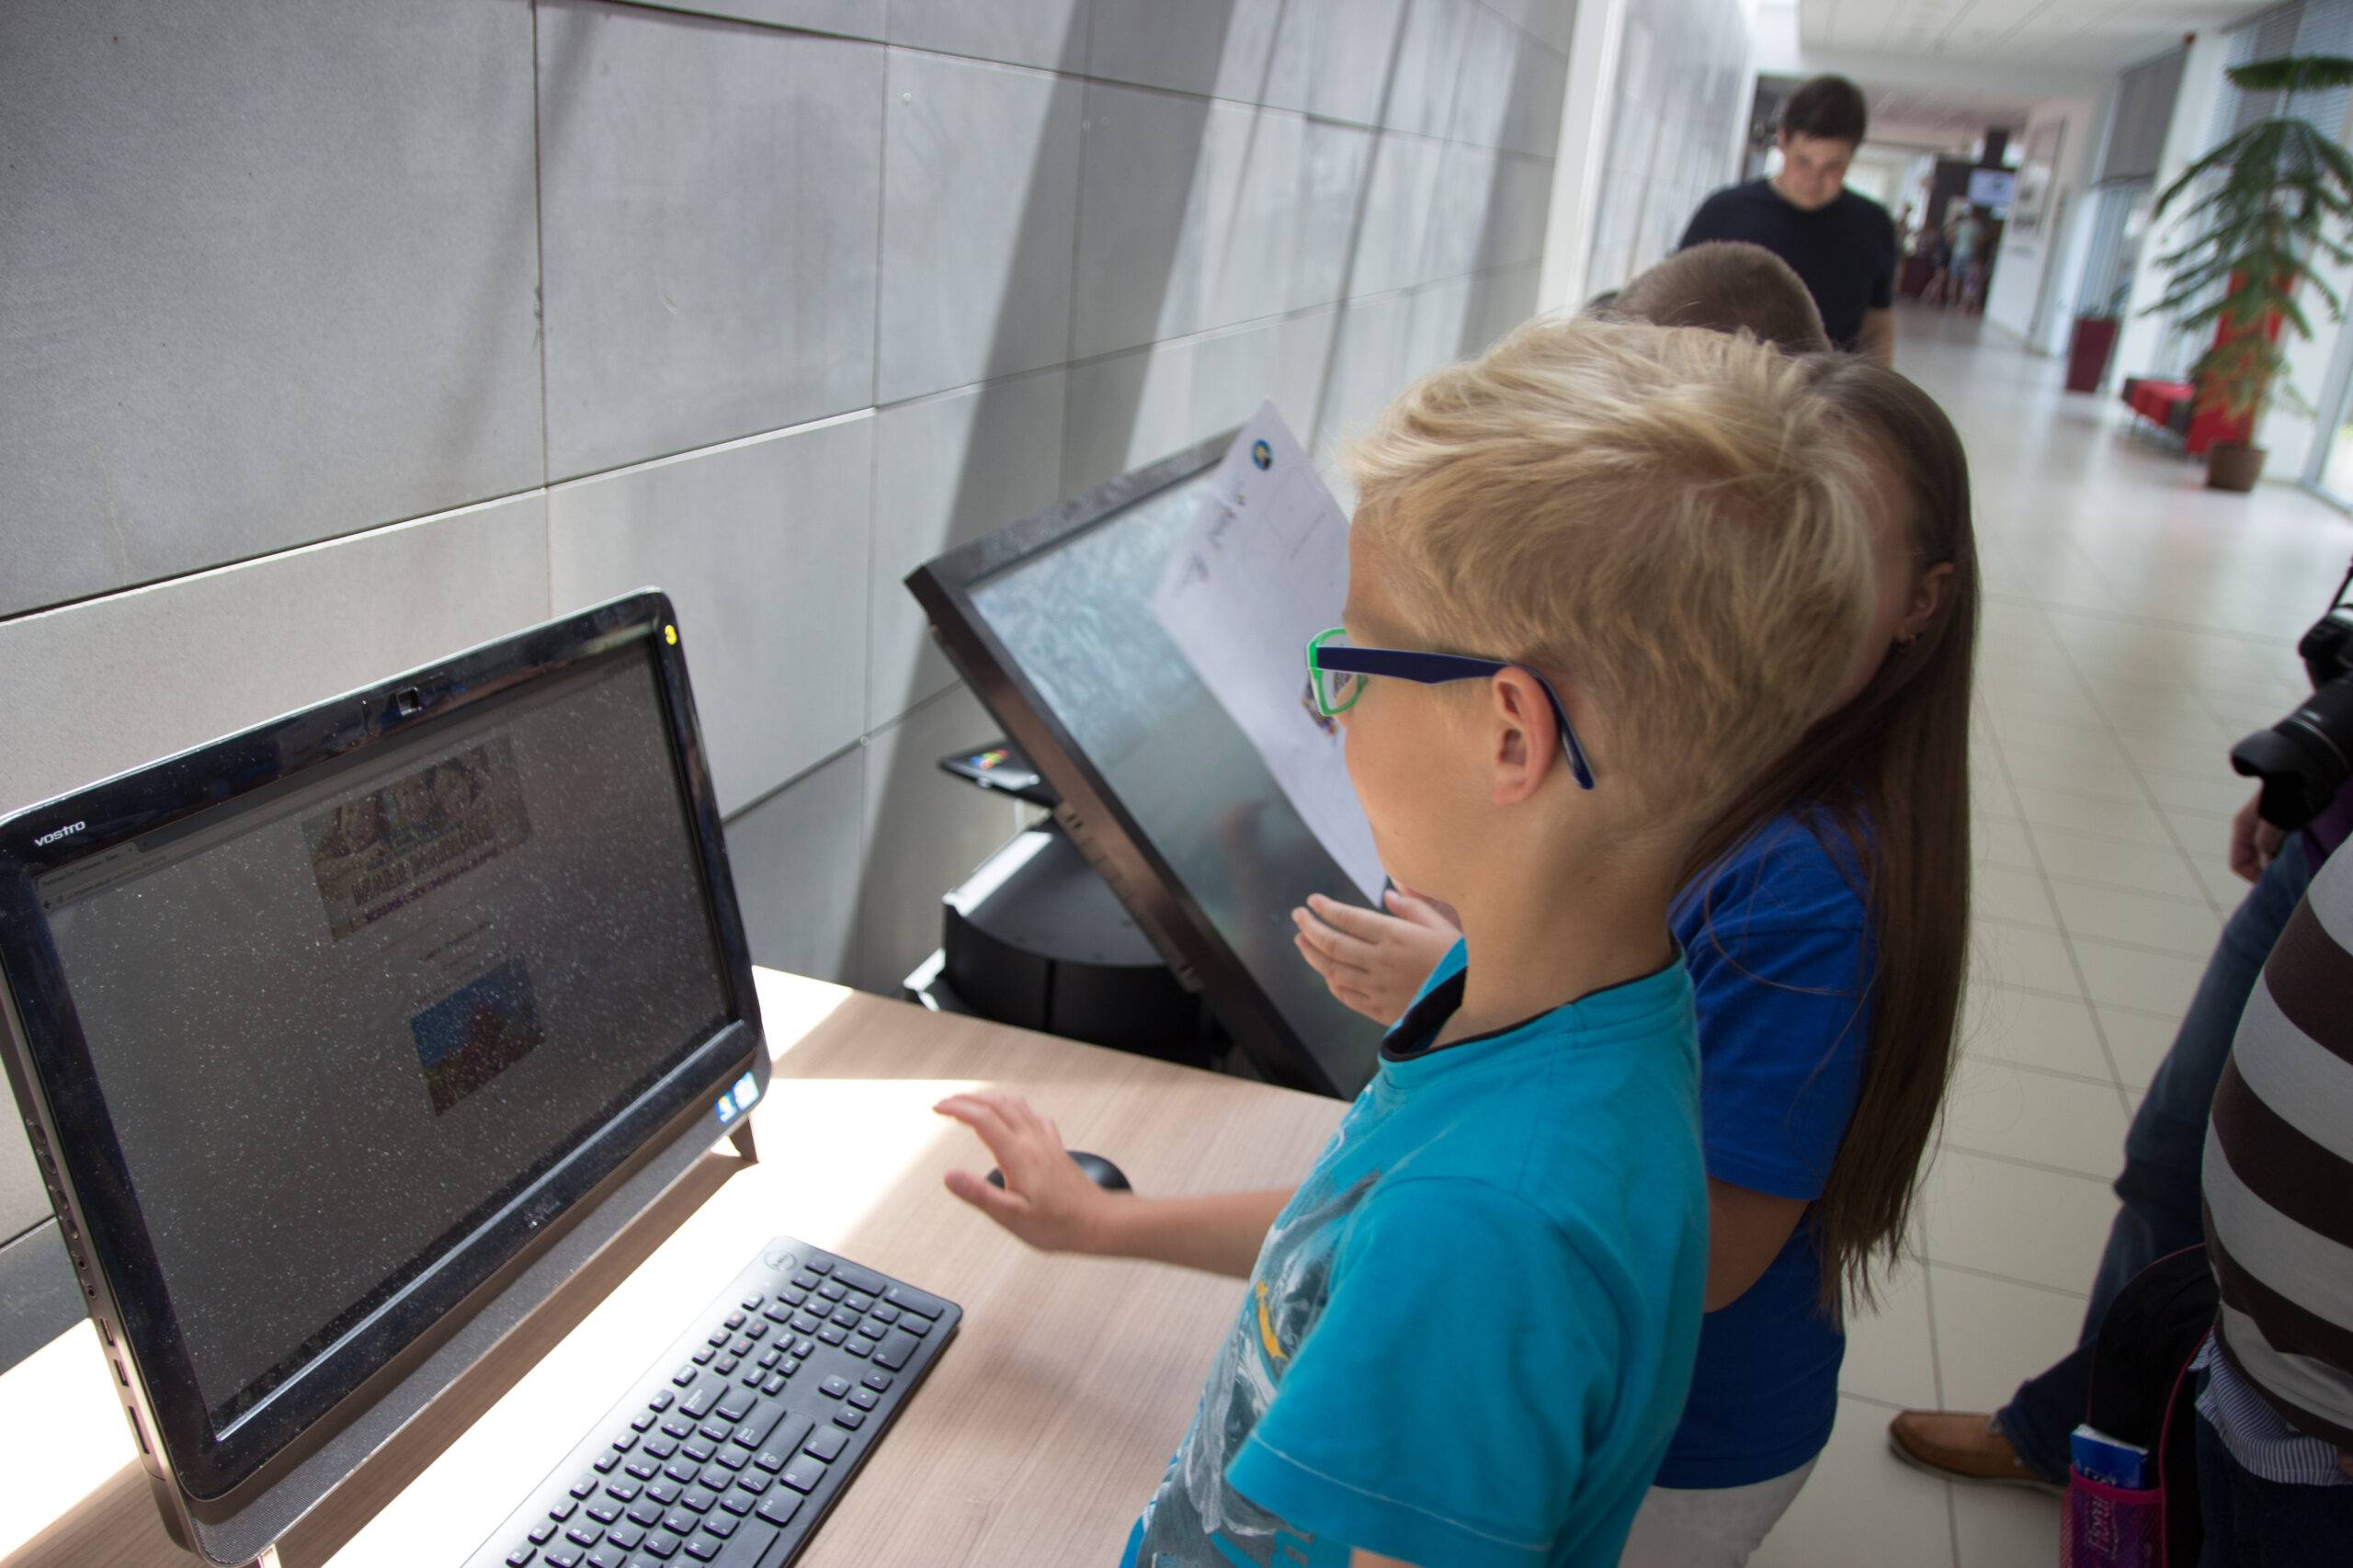 Uniwersytet Dziecięcy - Mobilne stanowisko na grze terenowej